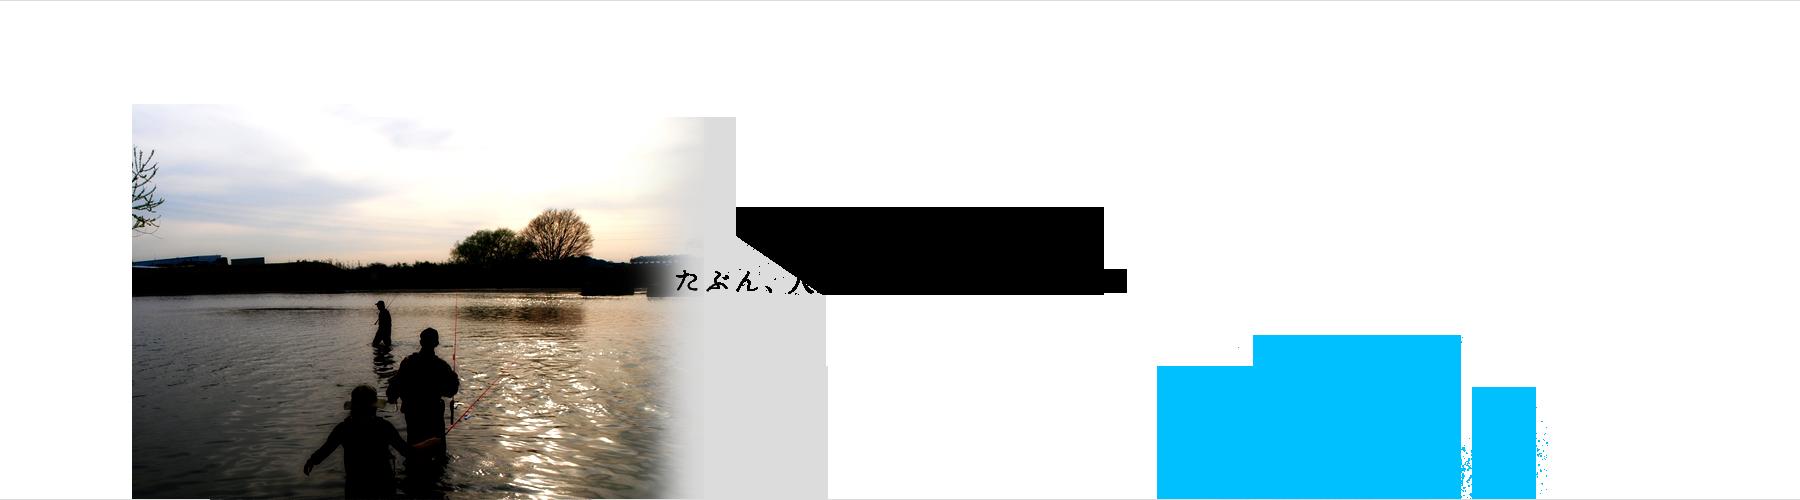 bg02_over